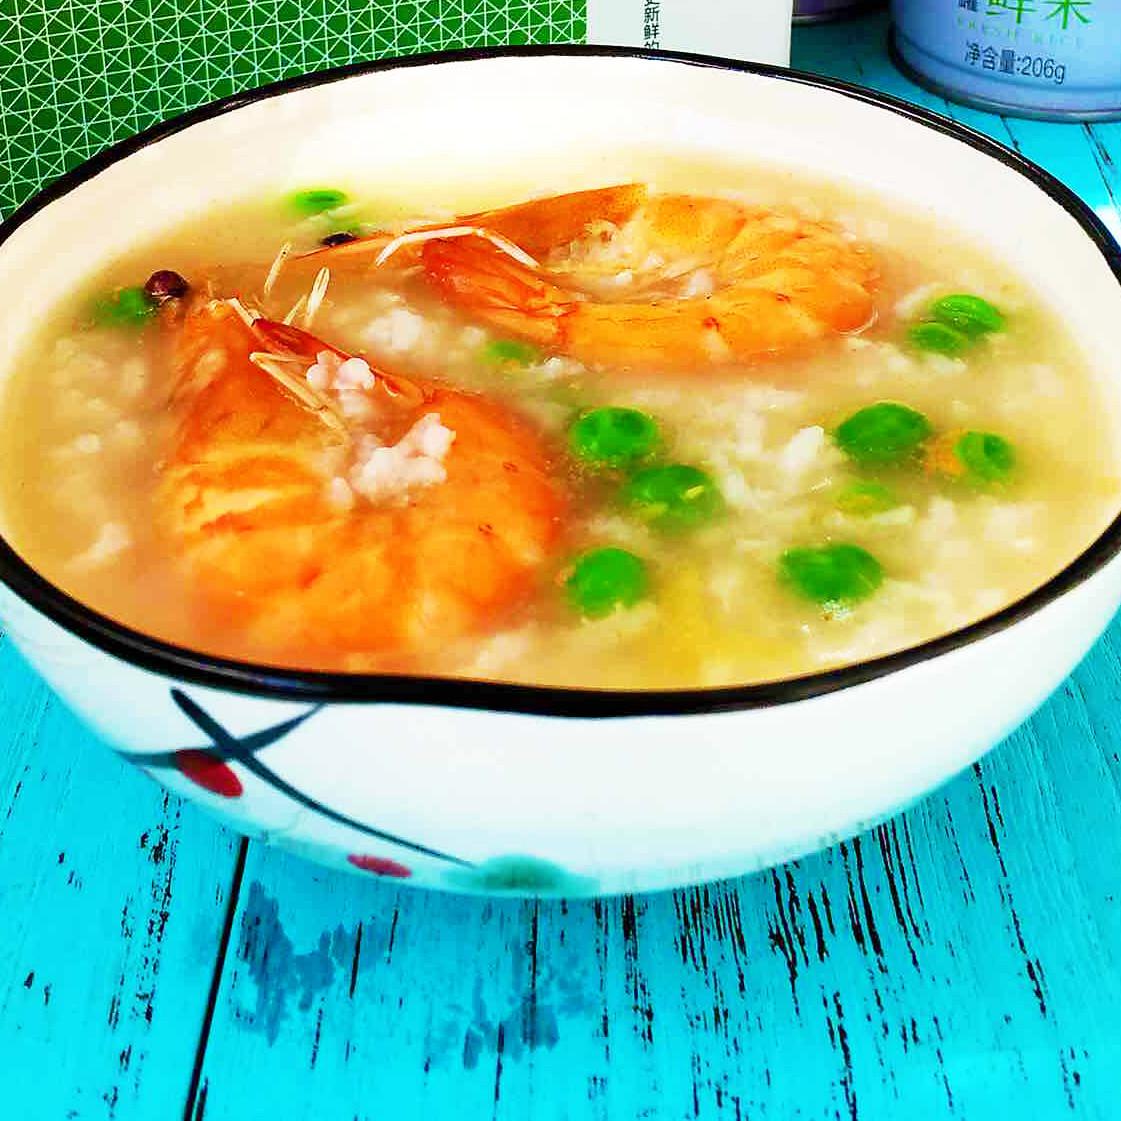 鲜虾豌豆砂锅粥